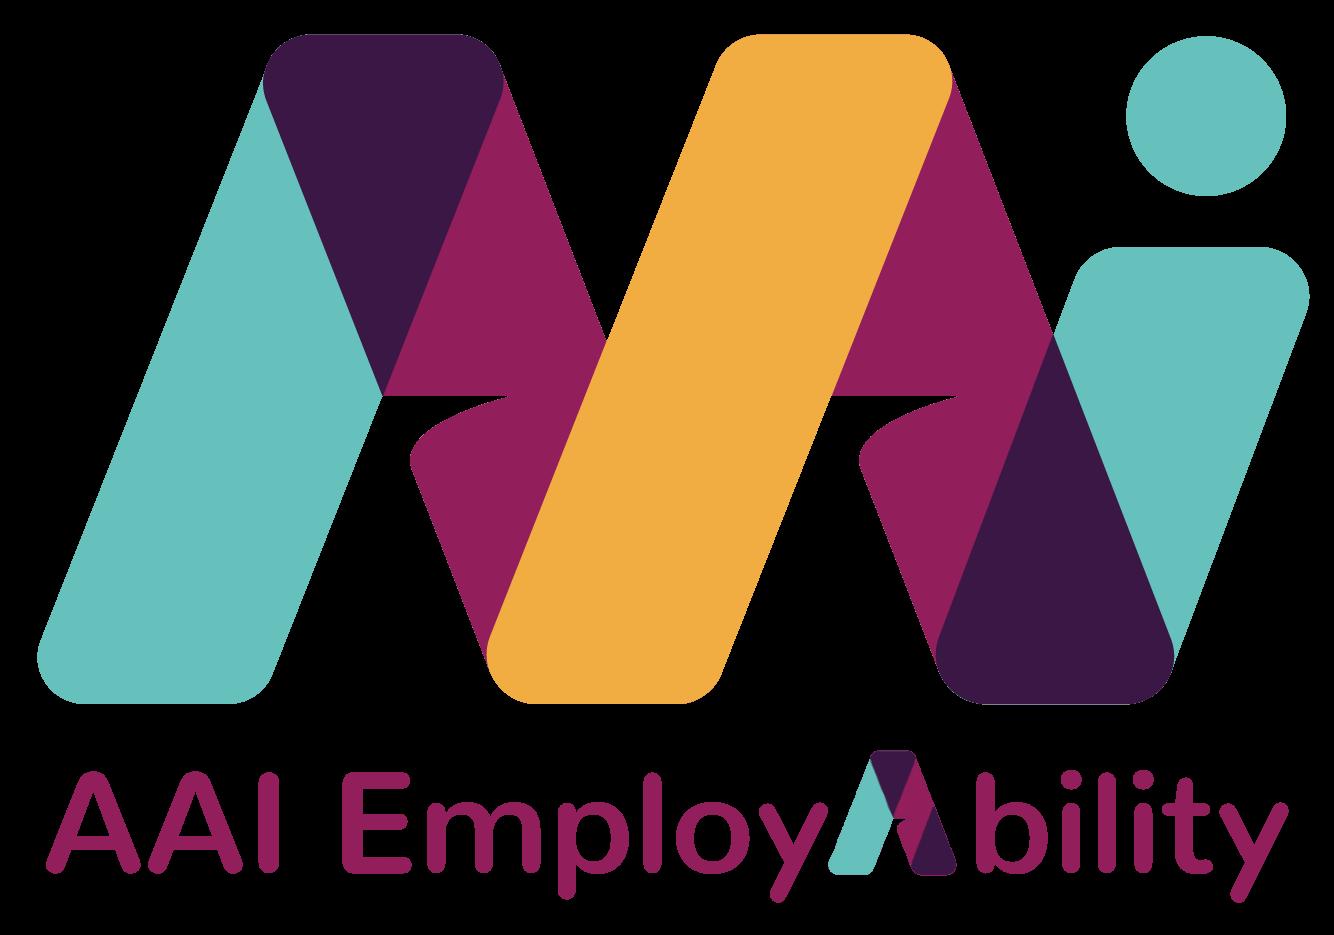 AAI Emplayability - https://www.aai-talent.co.uk/